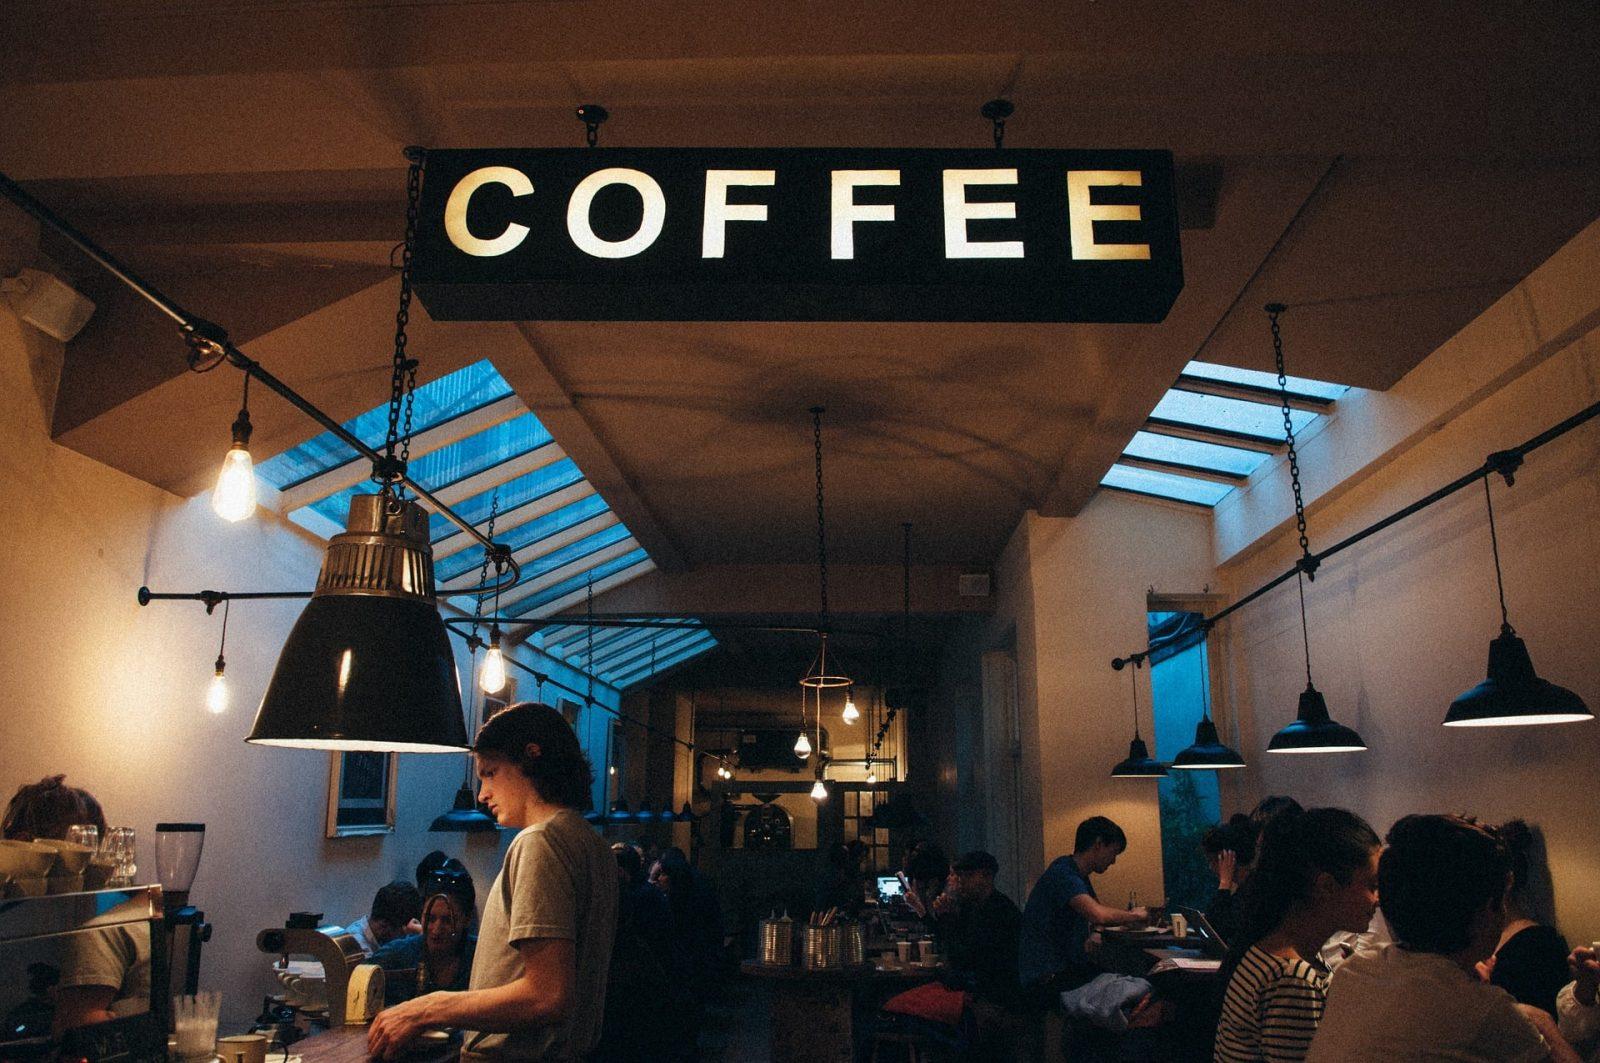 Placa de Iluminação escrito Coffe